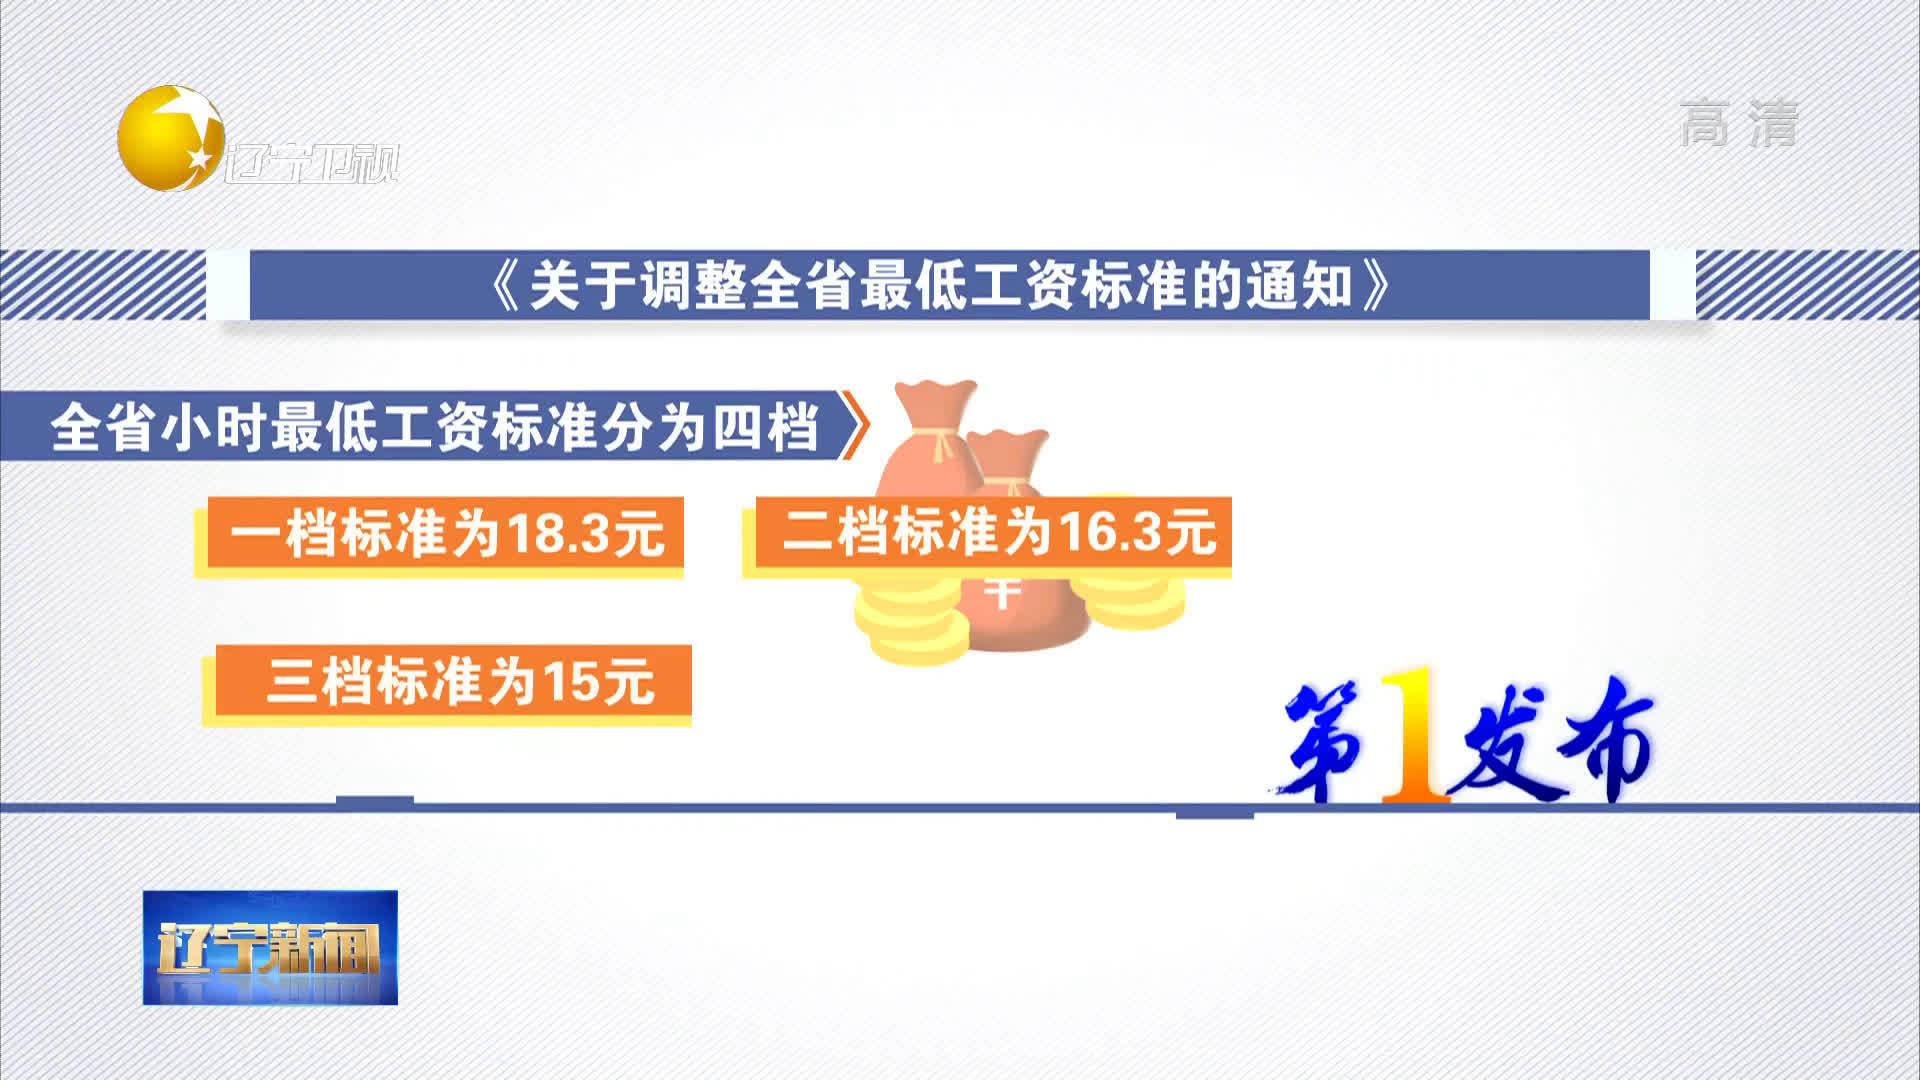 辽宁发布2019年最低工资标准和企业工资指导线